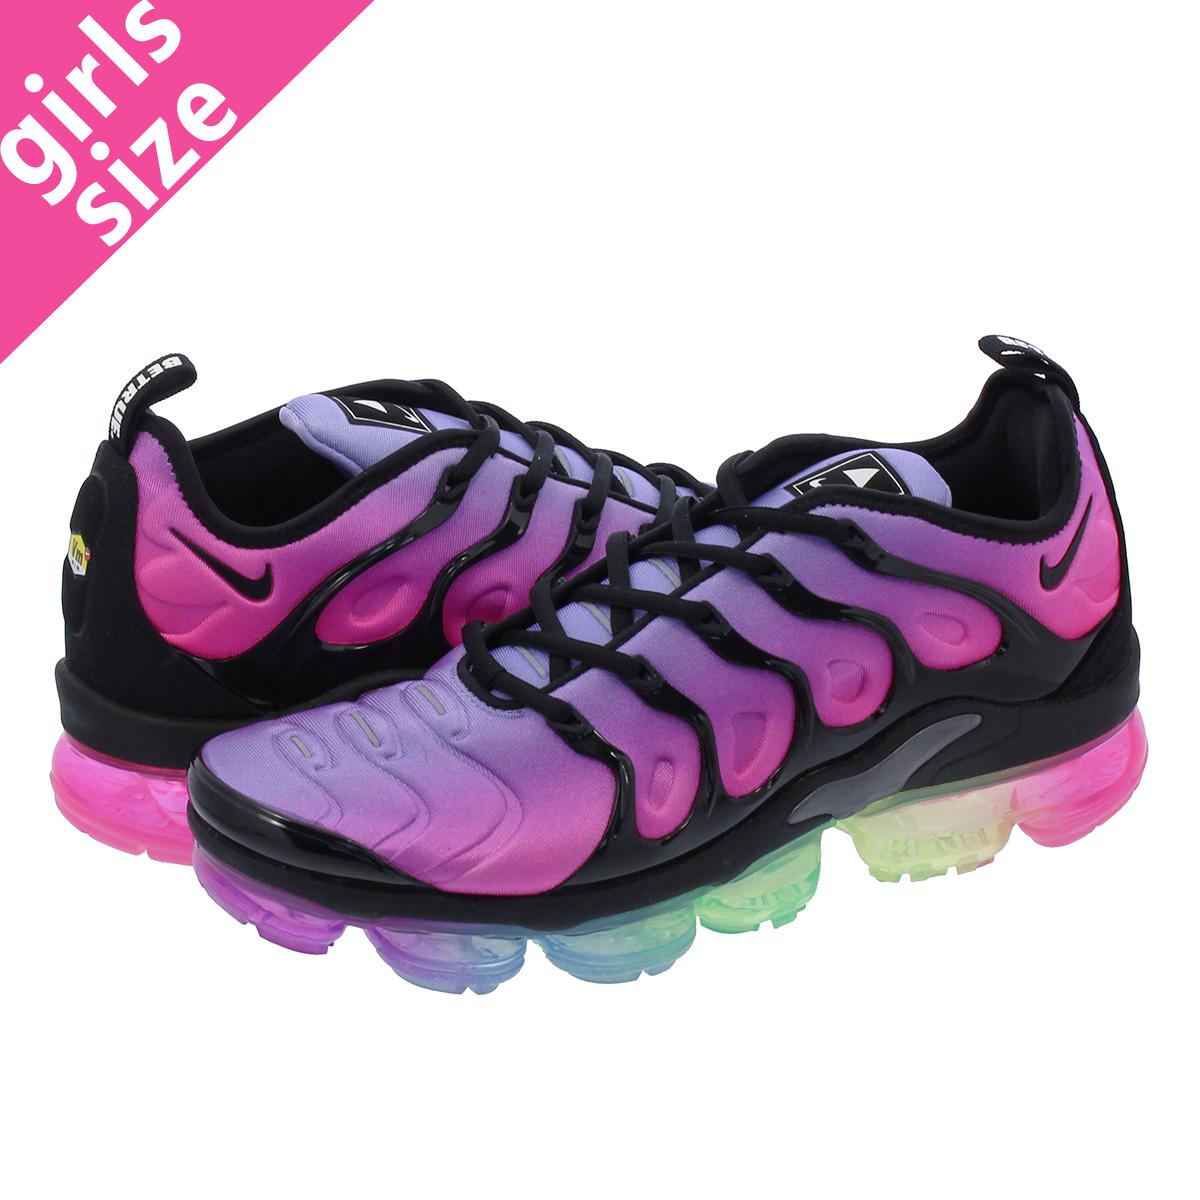 071793f151e21 NIKE AIR VAPORMAX PLUS Nike vapor max plus PURPLE PULSE PINK BLAST MULTI  COLOR BLACK ar4791-500